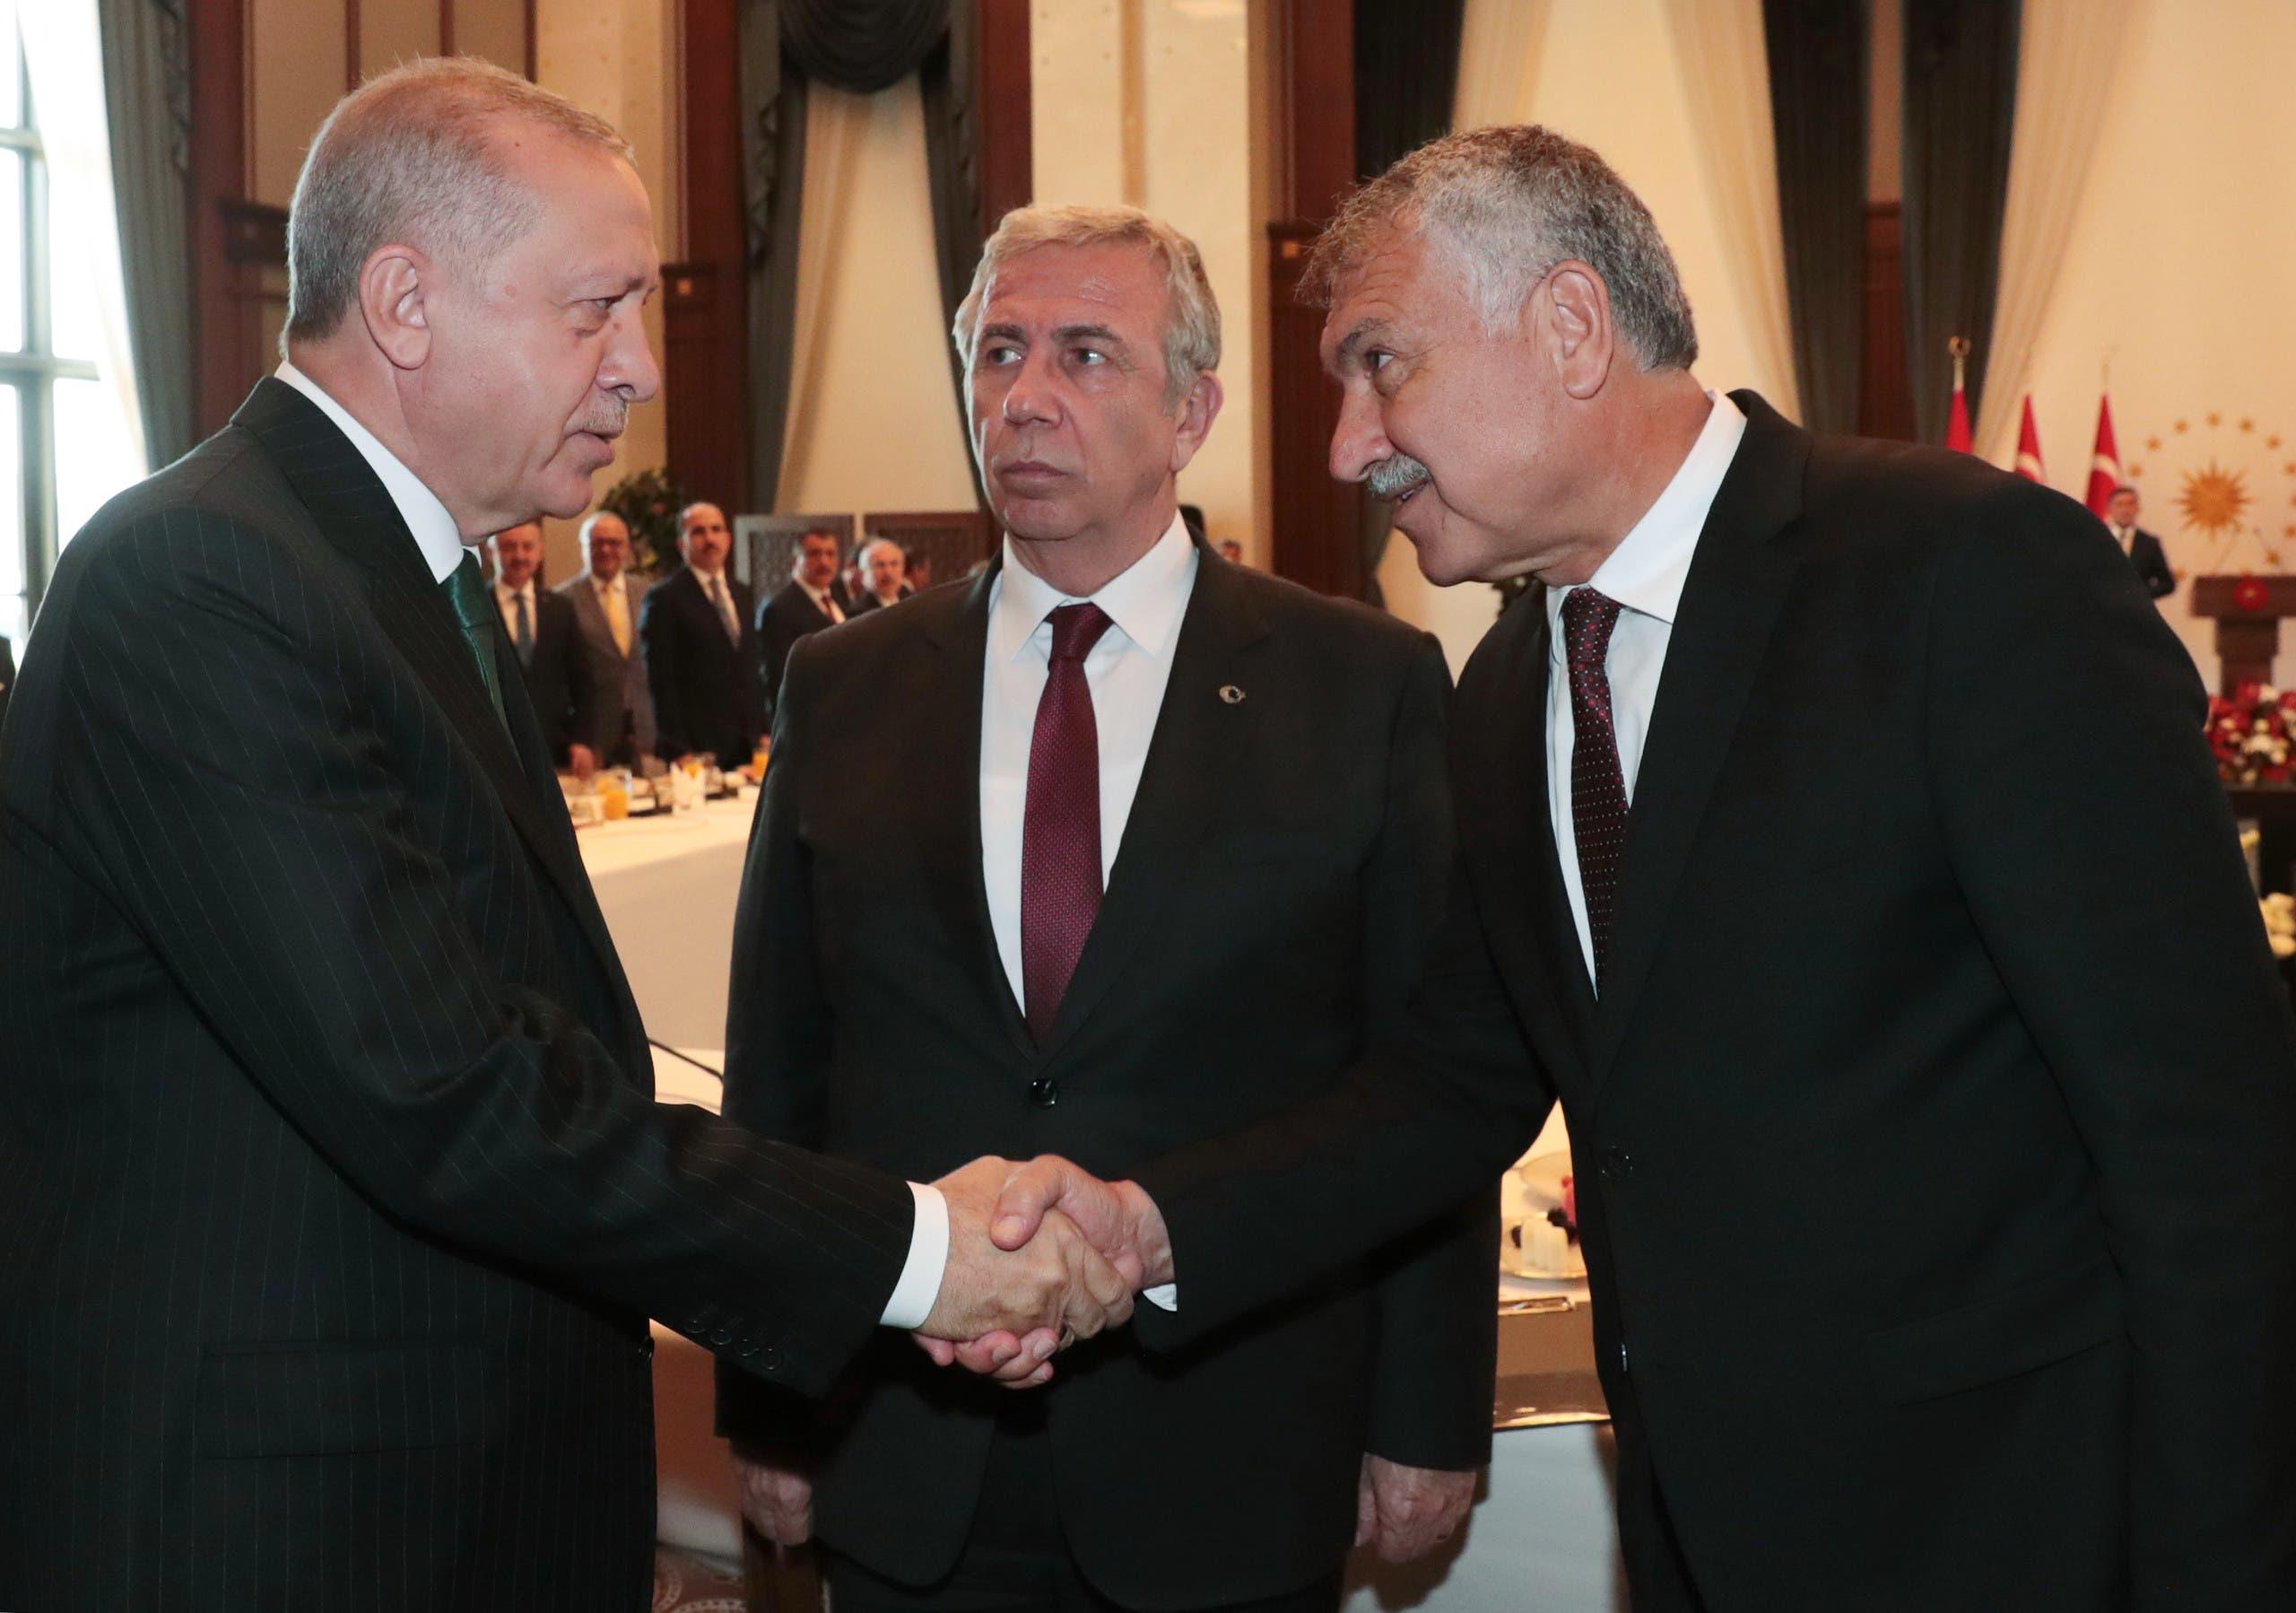 منصور يافاس رئيس بلدية أنقرة في الوسط (فرانس برس)